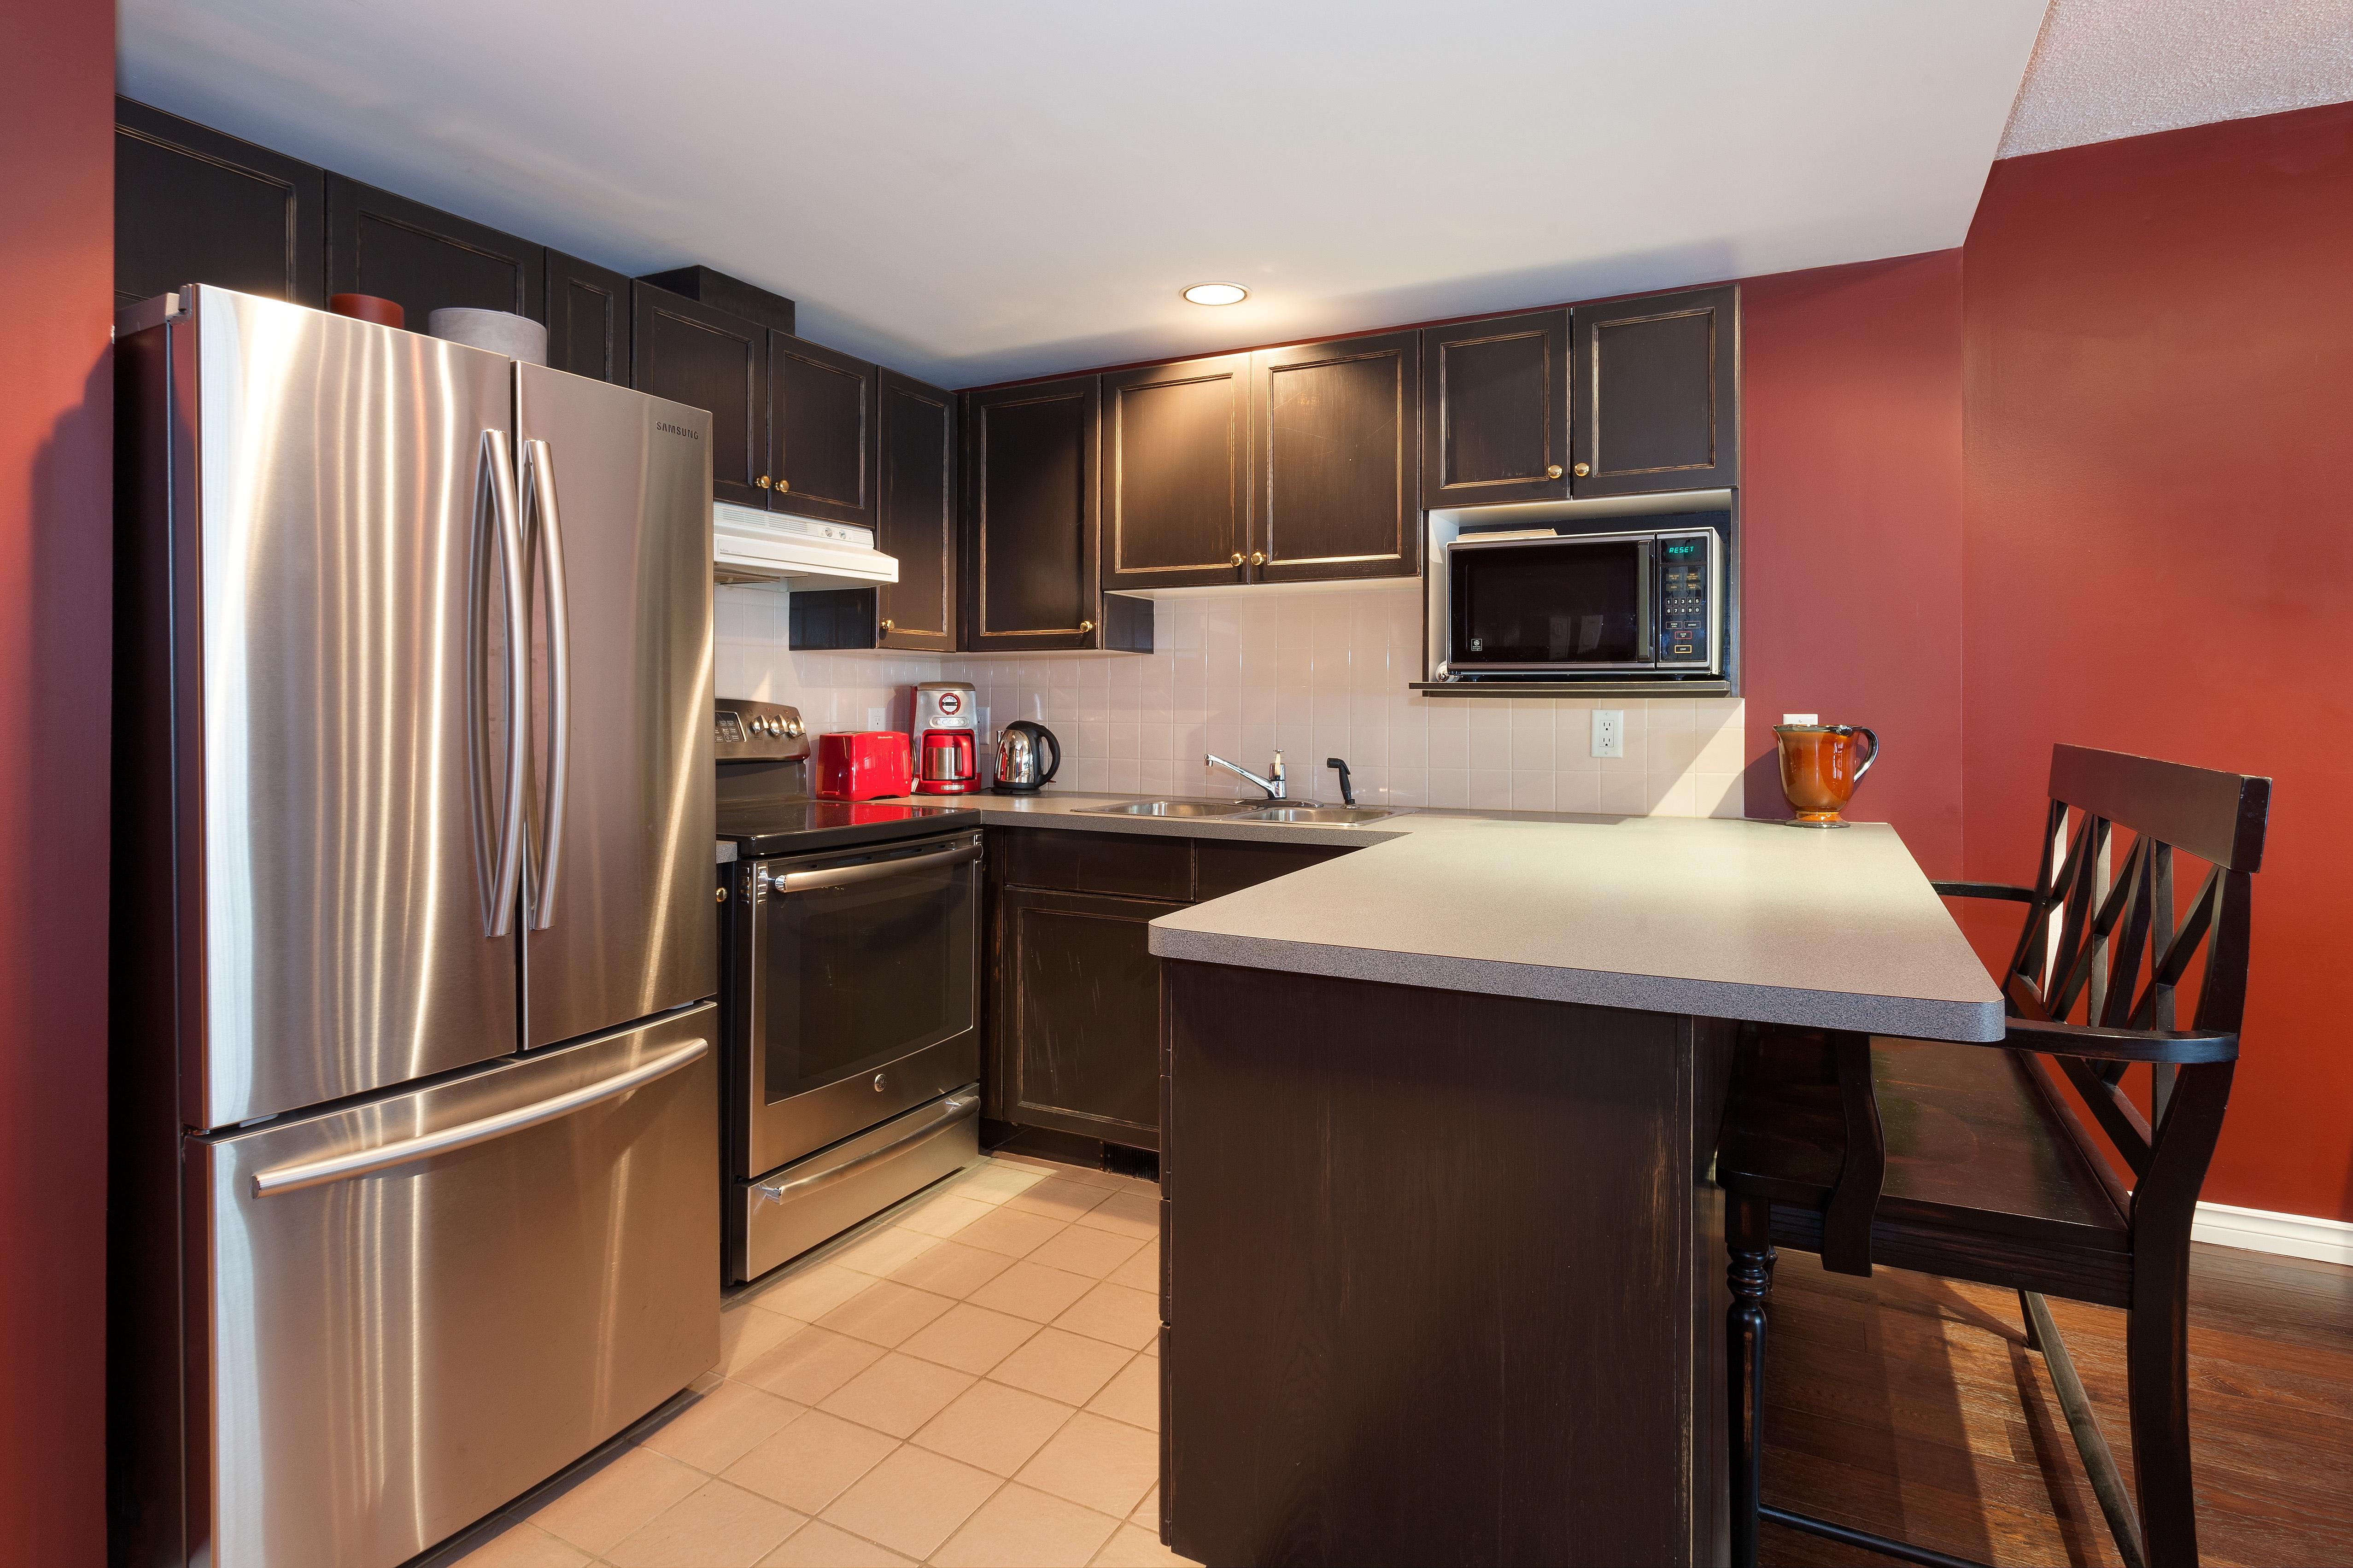 W106 Kitchen